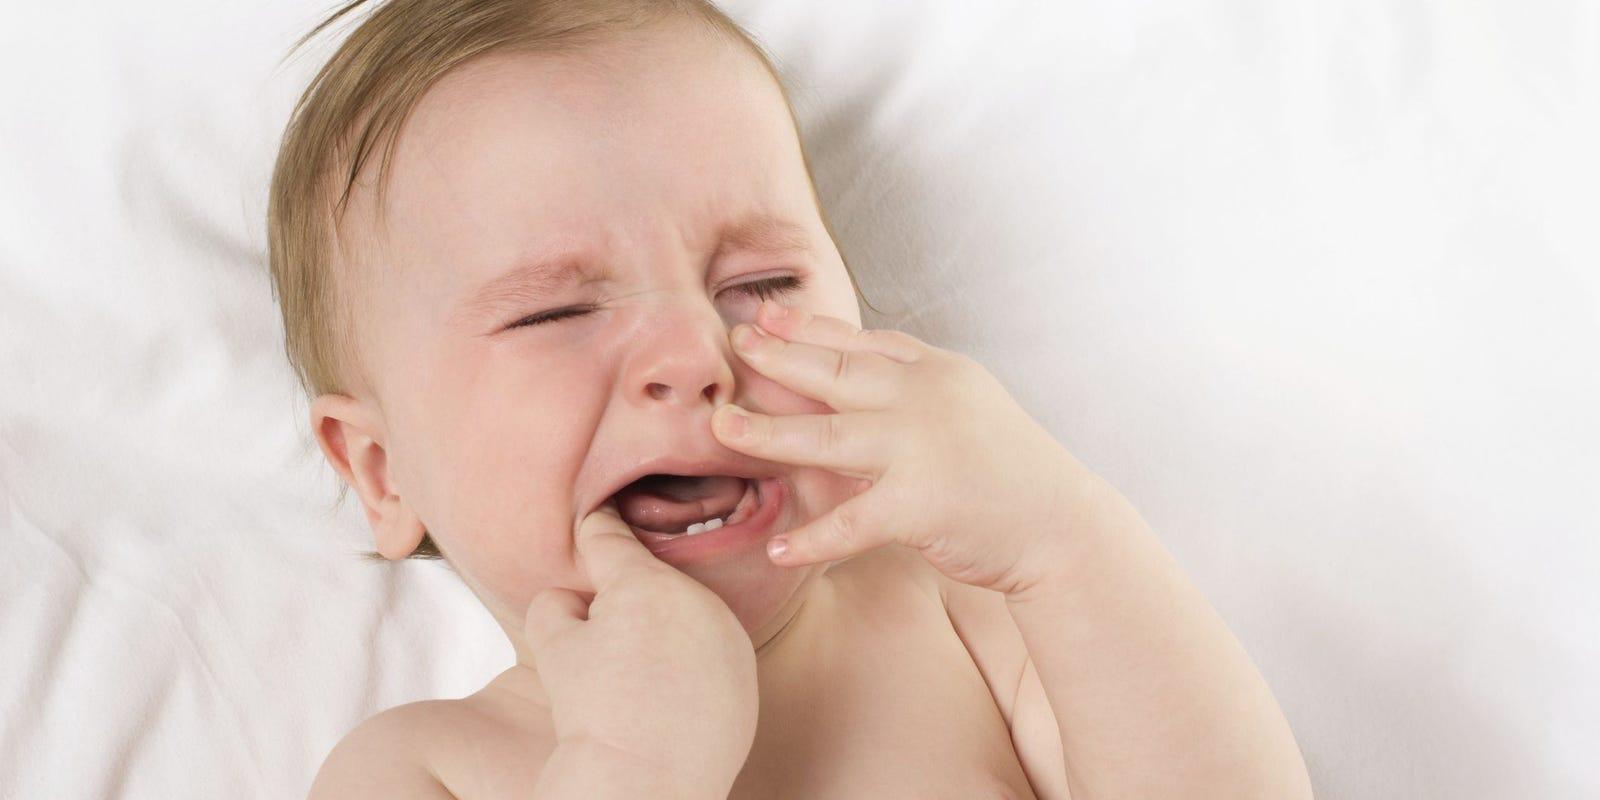 Ребенок сильно капризничает, беспокоится при прорезывании зубов